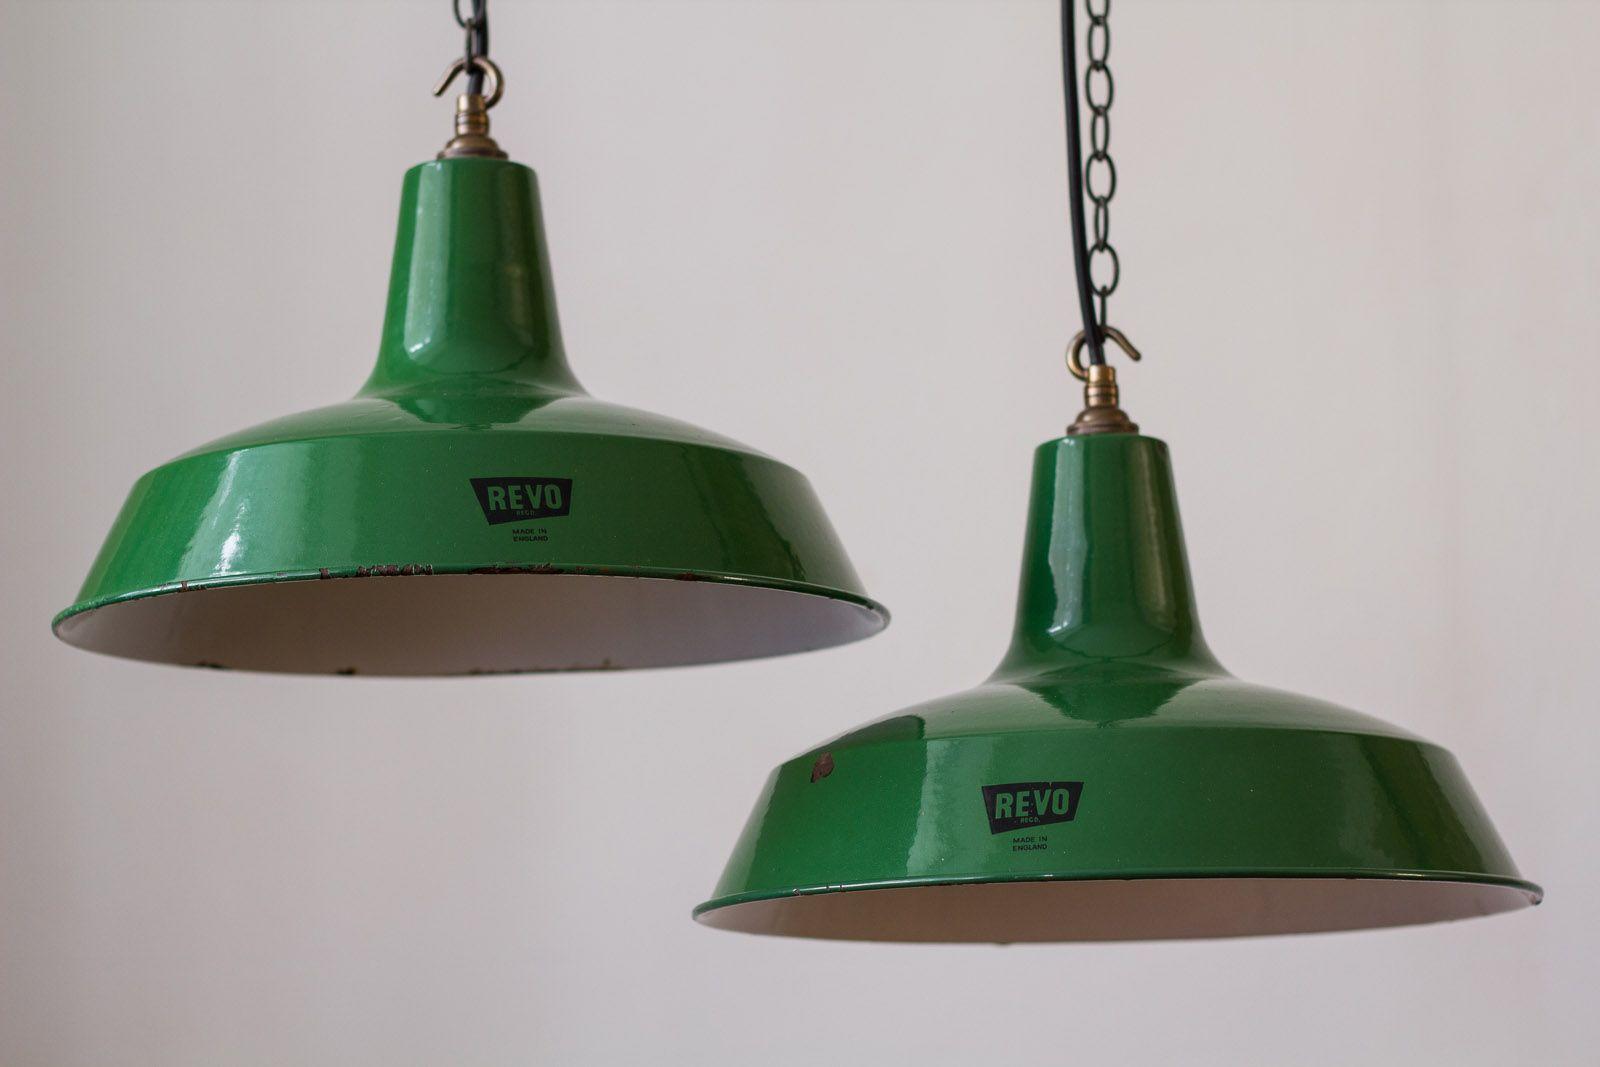 Grüne Vintage Emaille Fabrikhängelampe von Revo